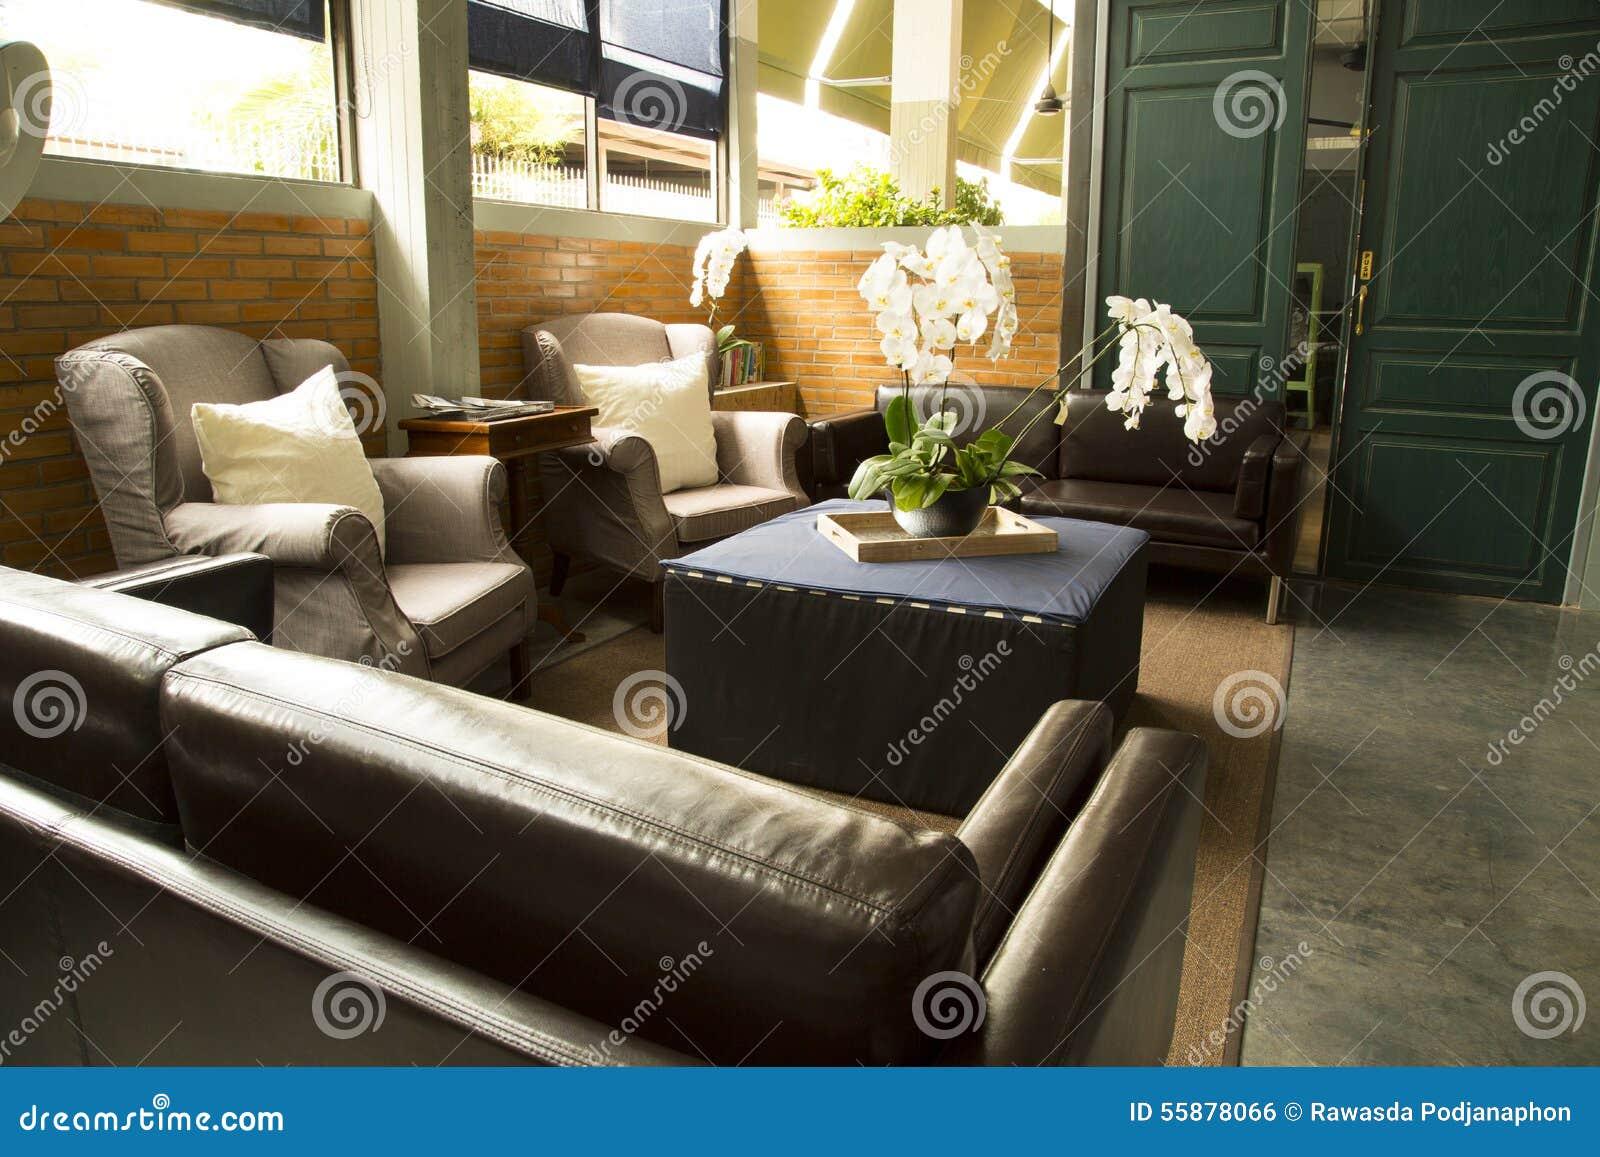 Mein Wohnzimmer | Mein Wohnzimmer Stockfoto Bild Von Orchidee Modern 55878066